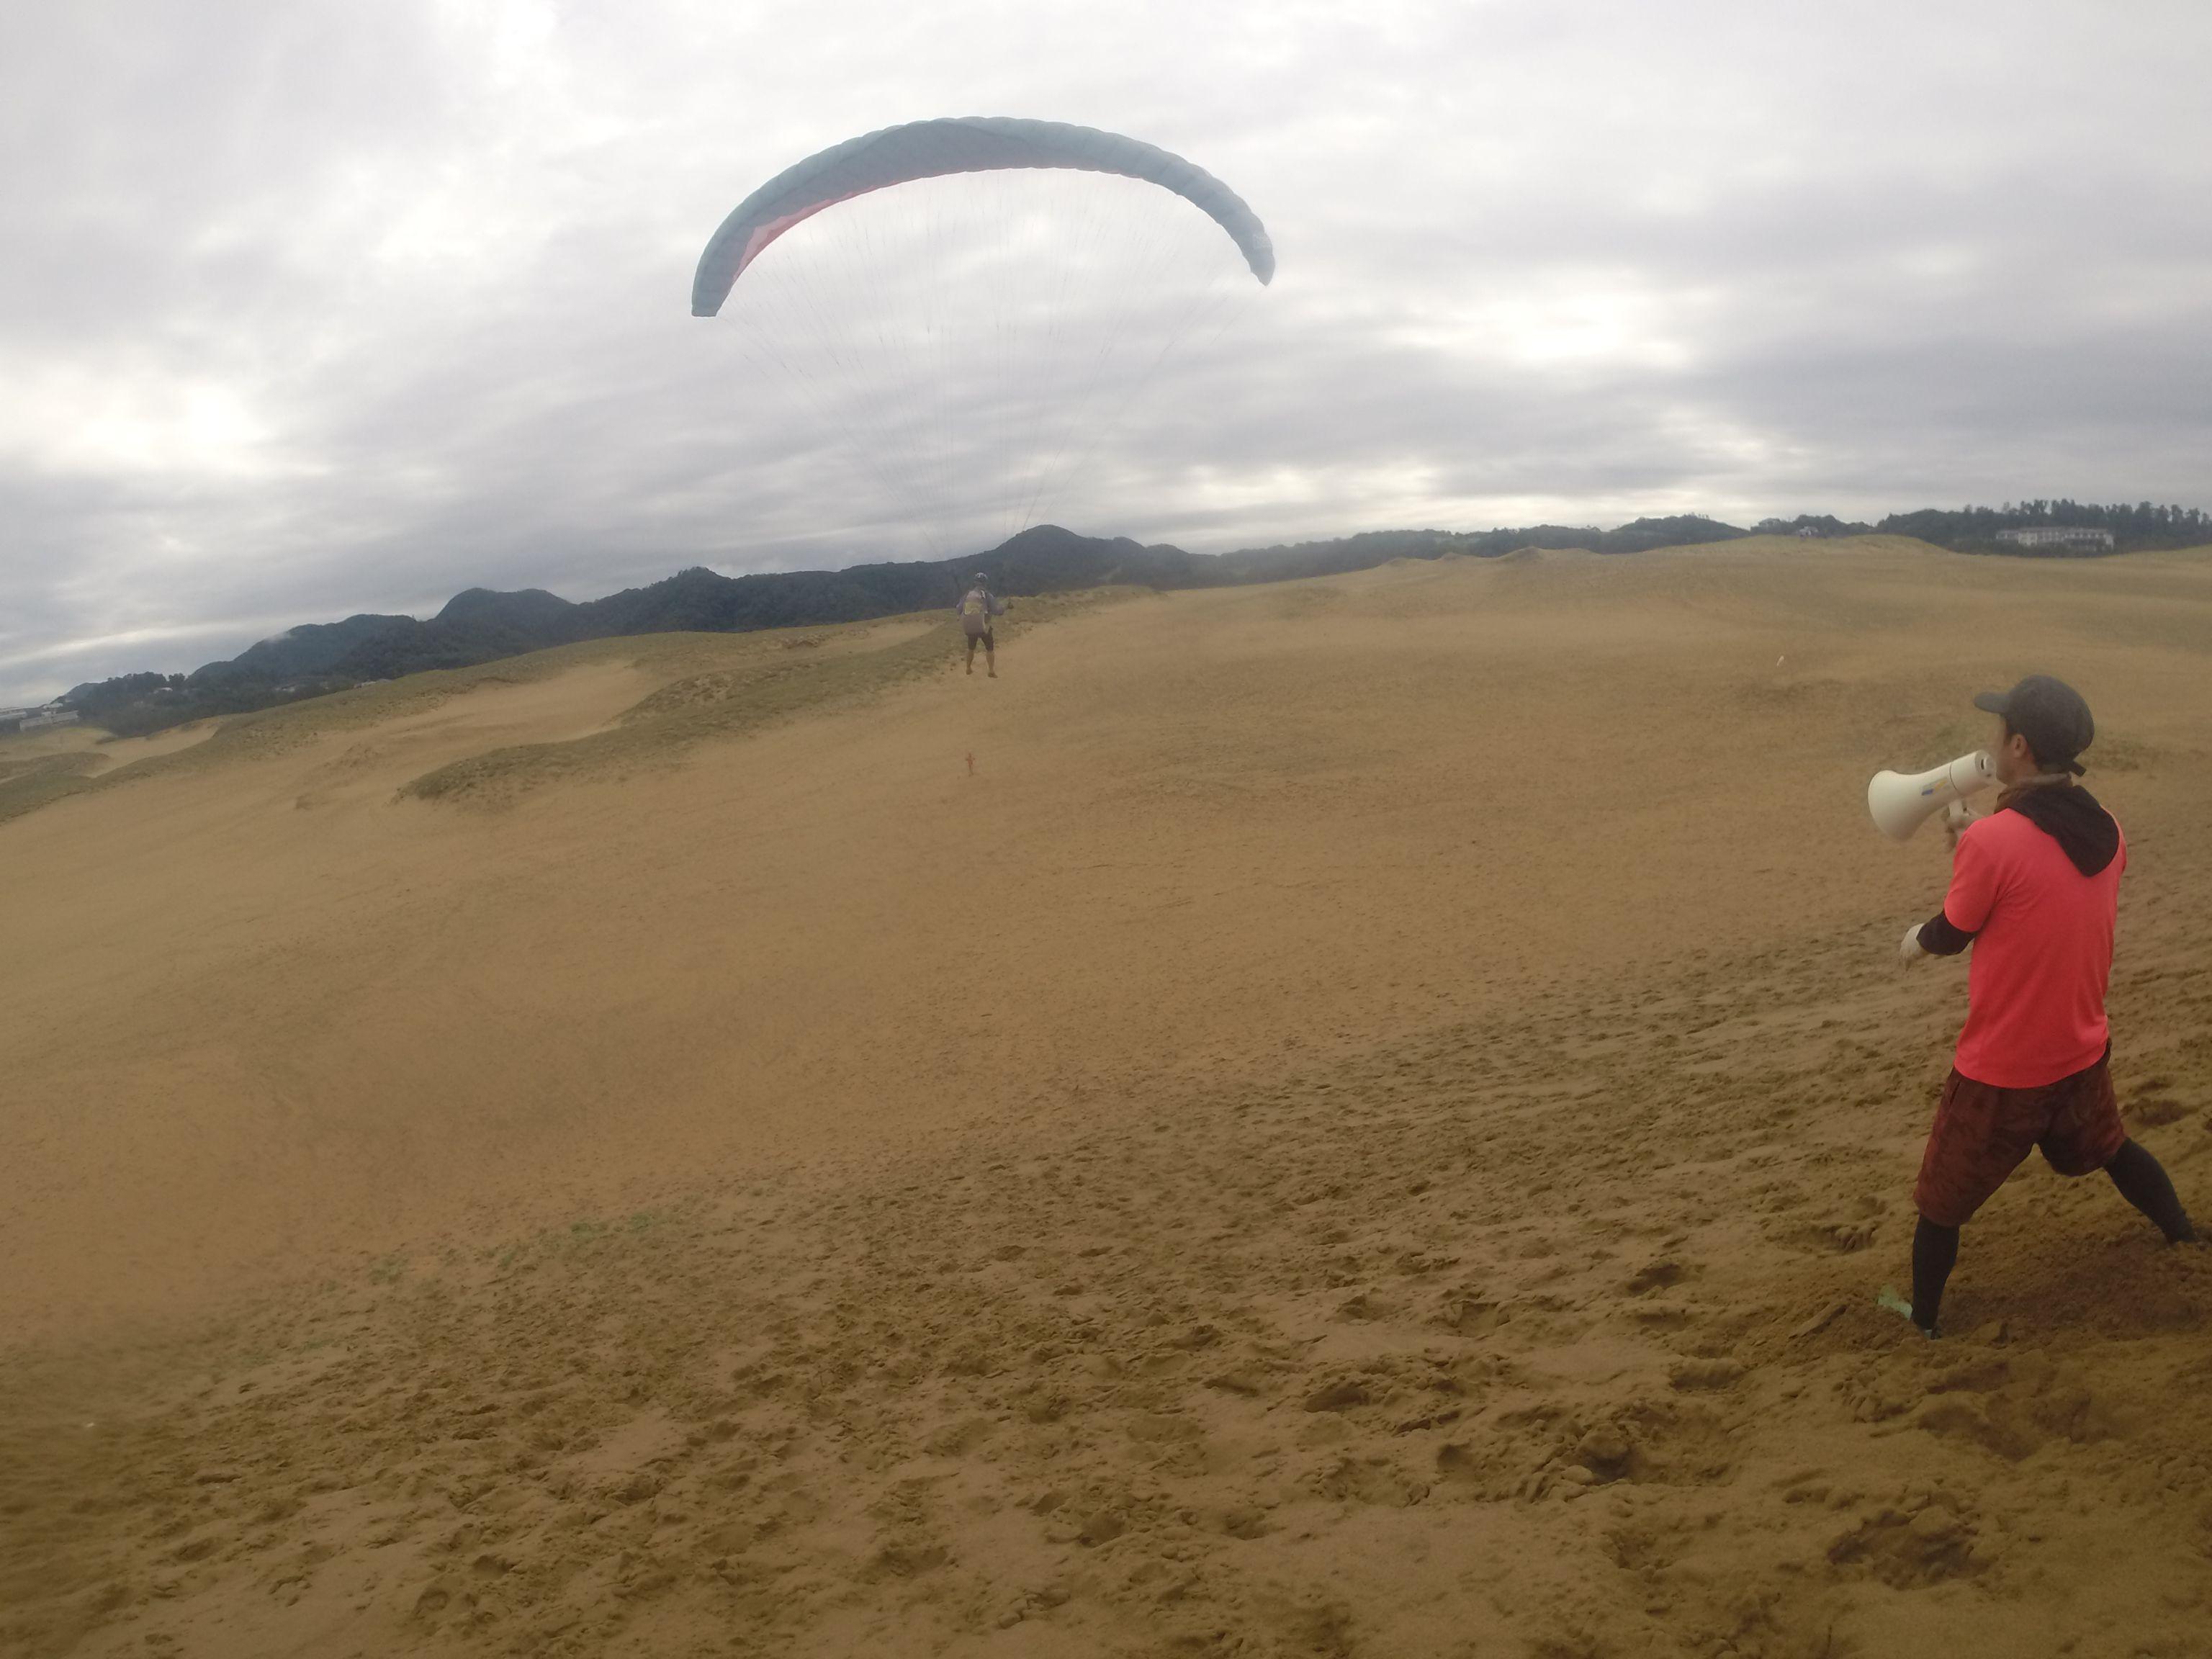 微風に近い南風に乗ってふわっと飛ぶ